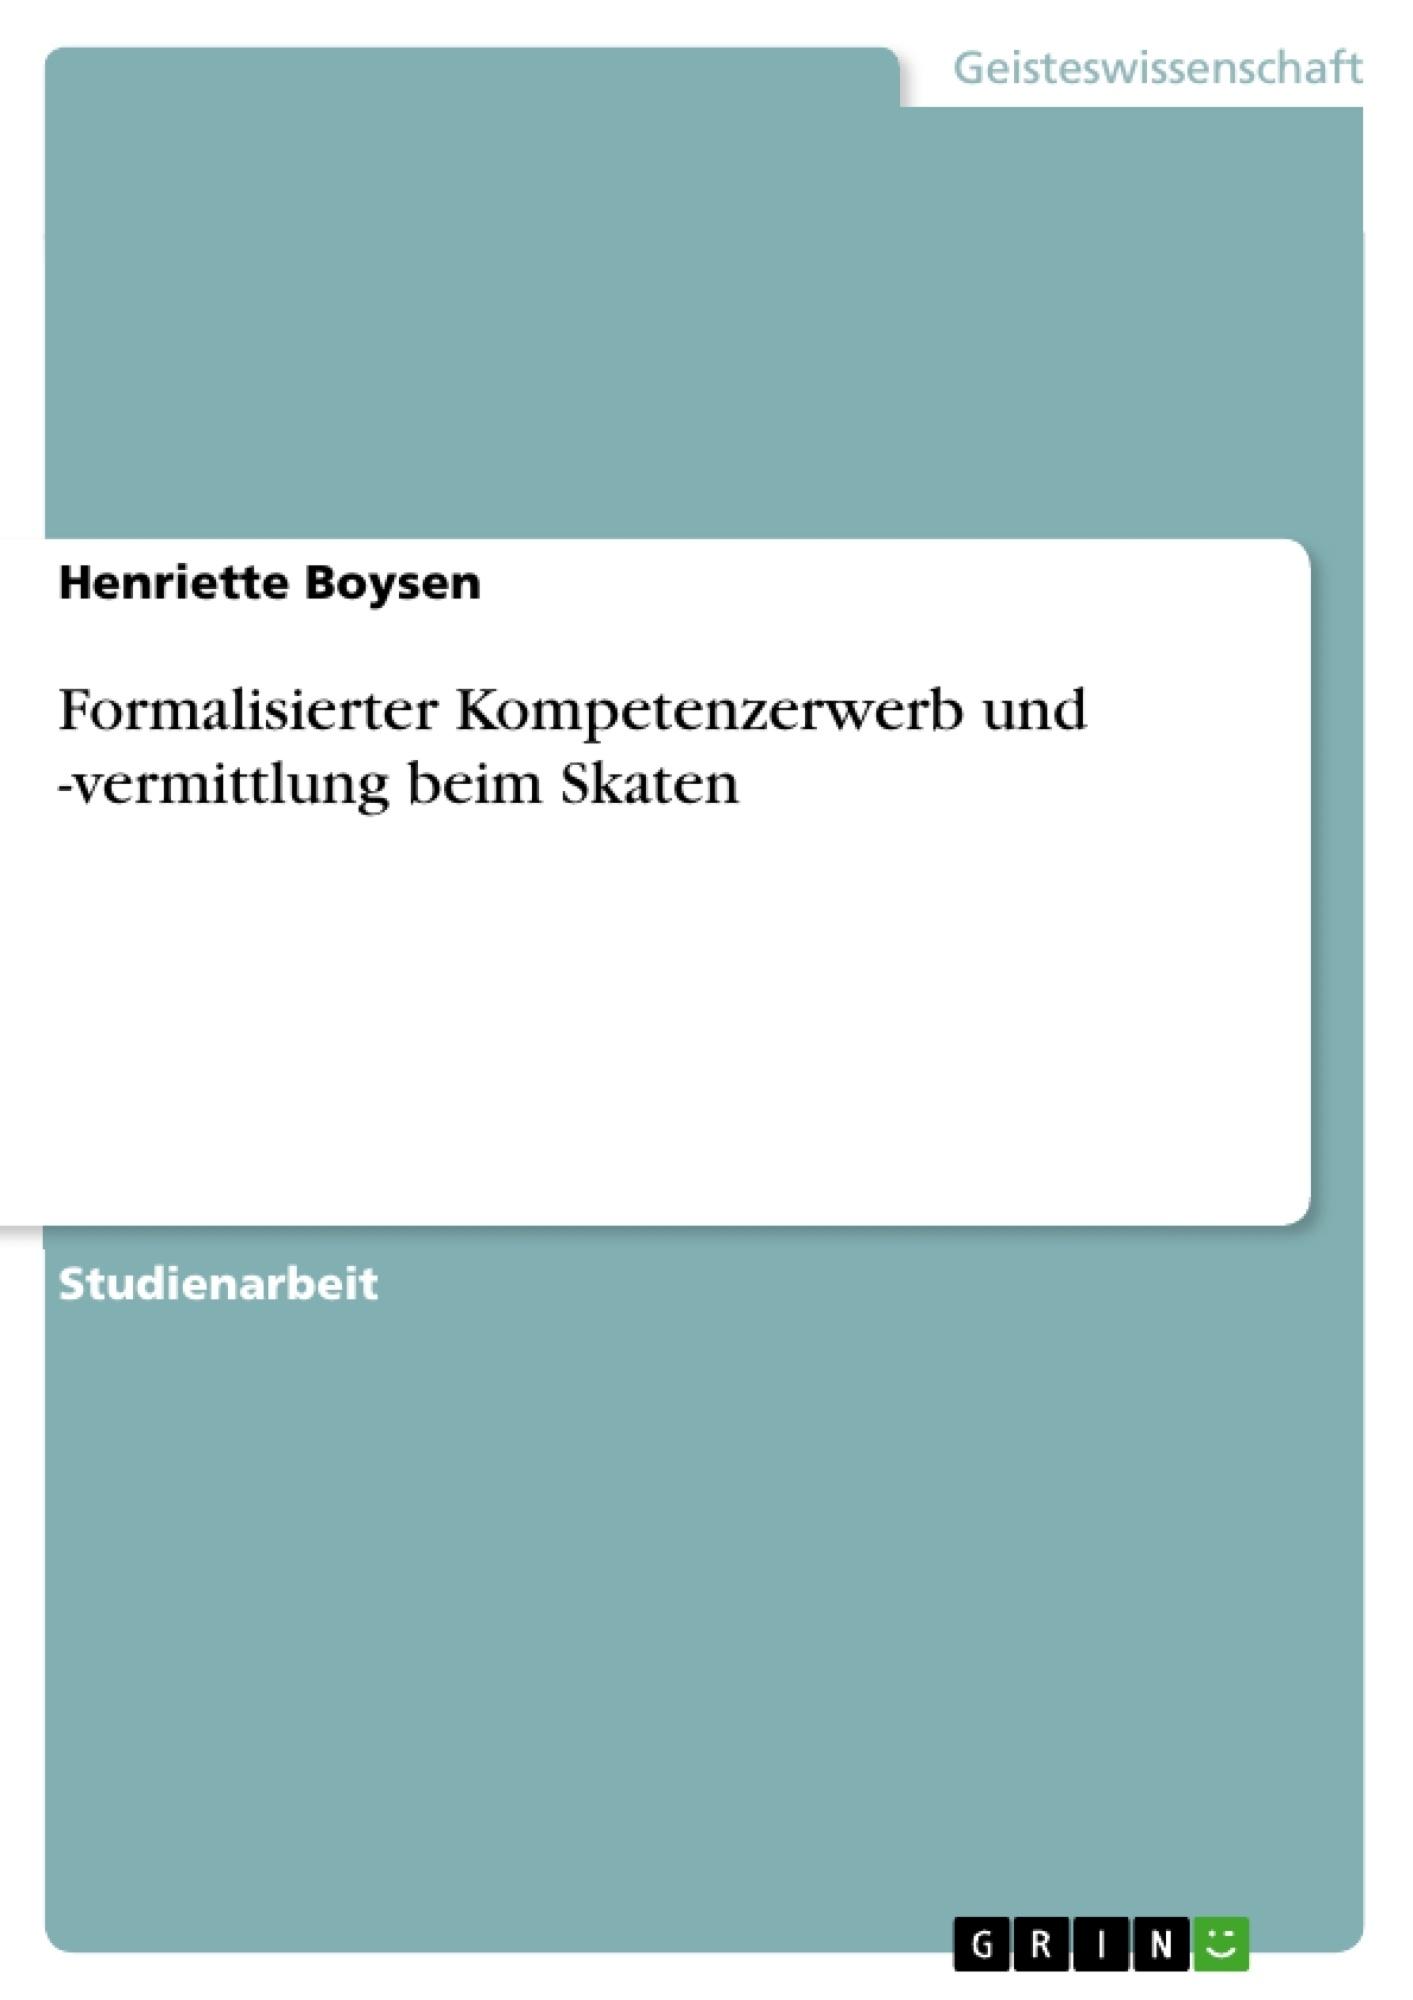 Titel: Formalisierter Kompetenzerwerb und -vermittlung beim Skaten